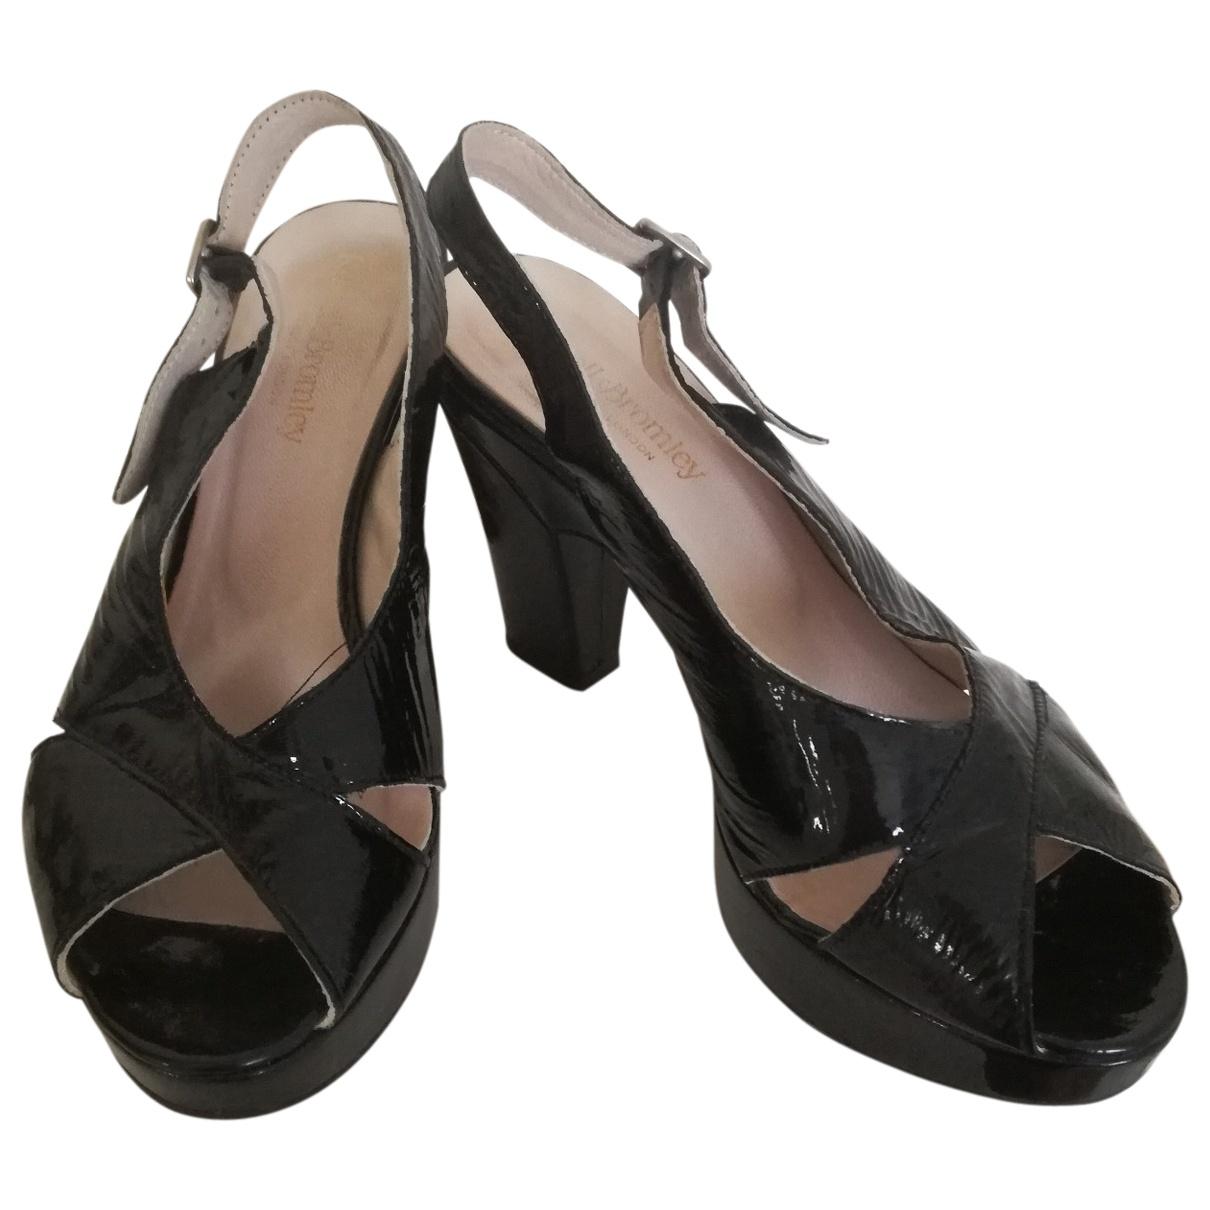 Russell & Bromley - Sandales   pour femme en cuir verni - noir